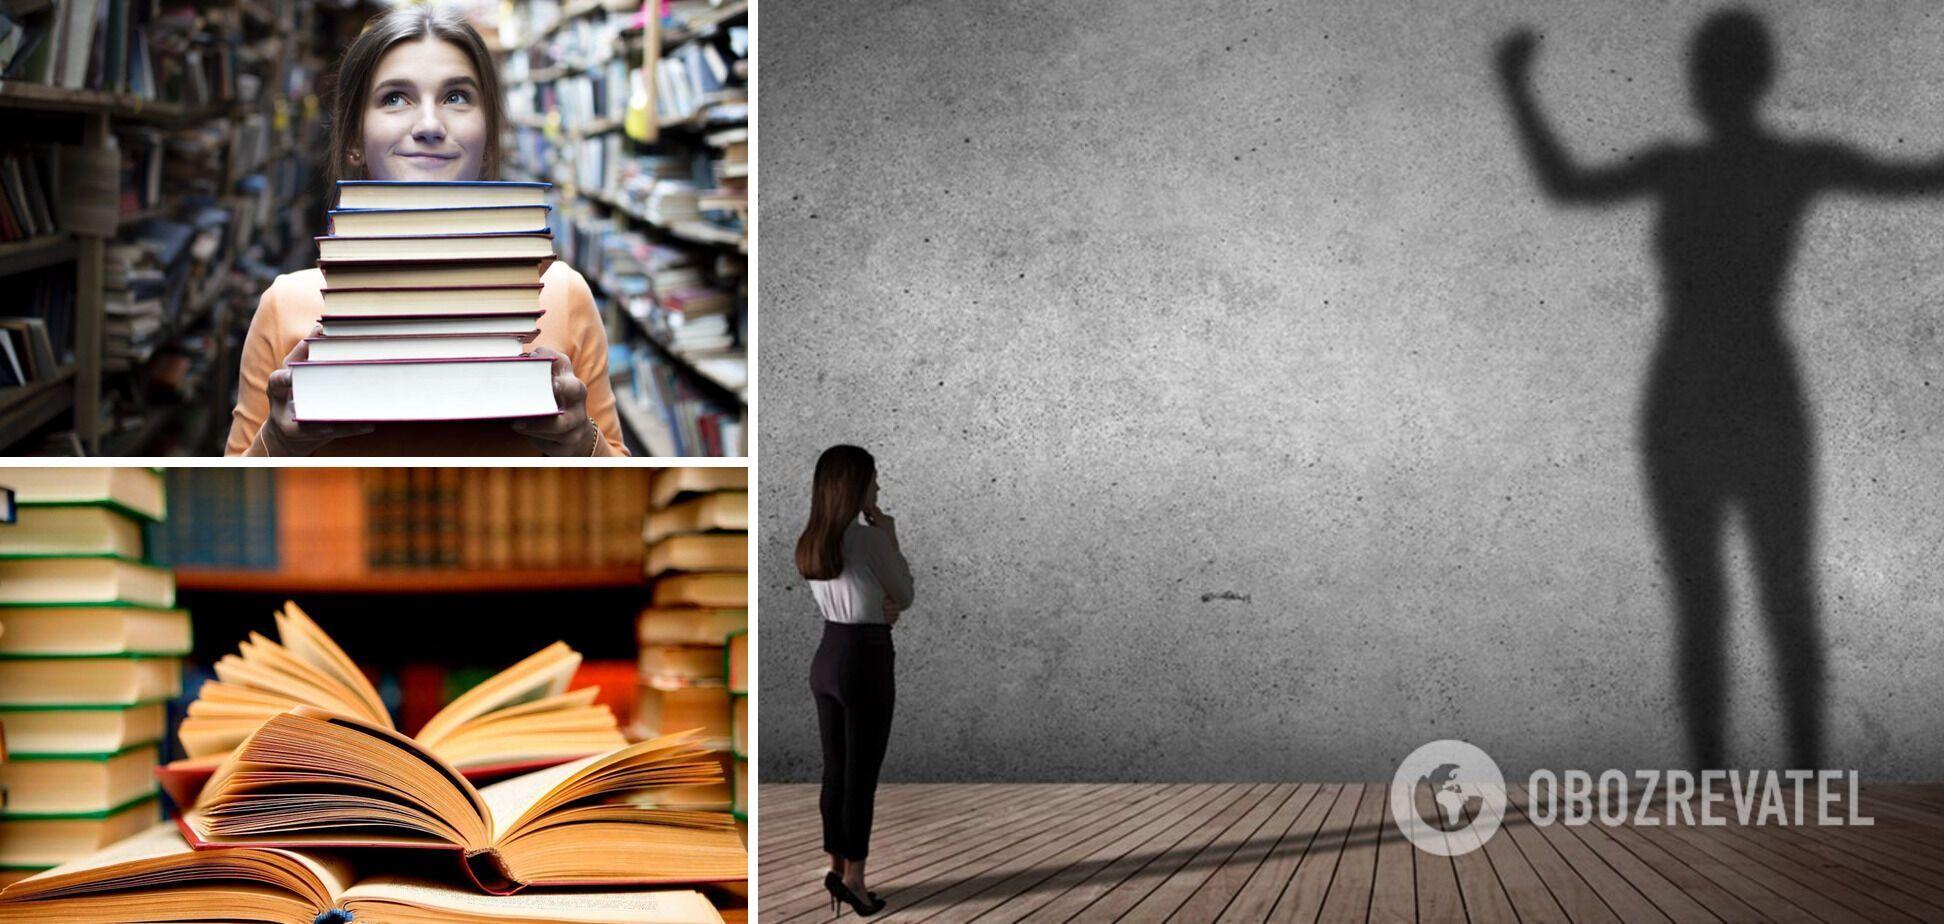 ТОП-3 книги о женщинах, которые поражают, вдохновляют, мотивируют